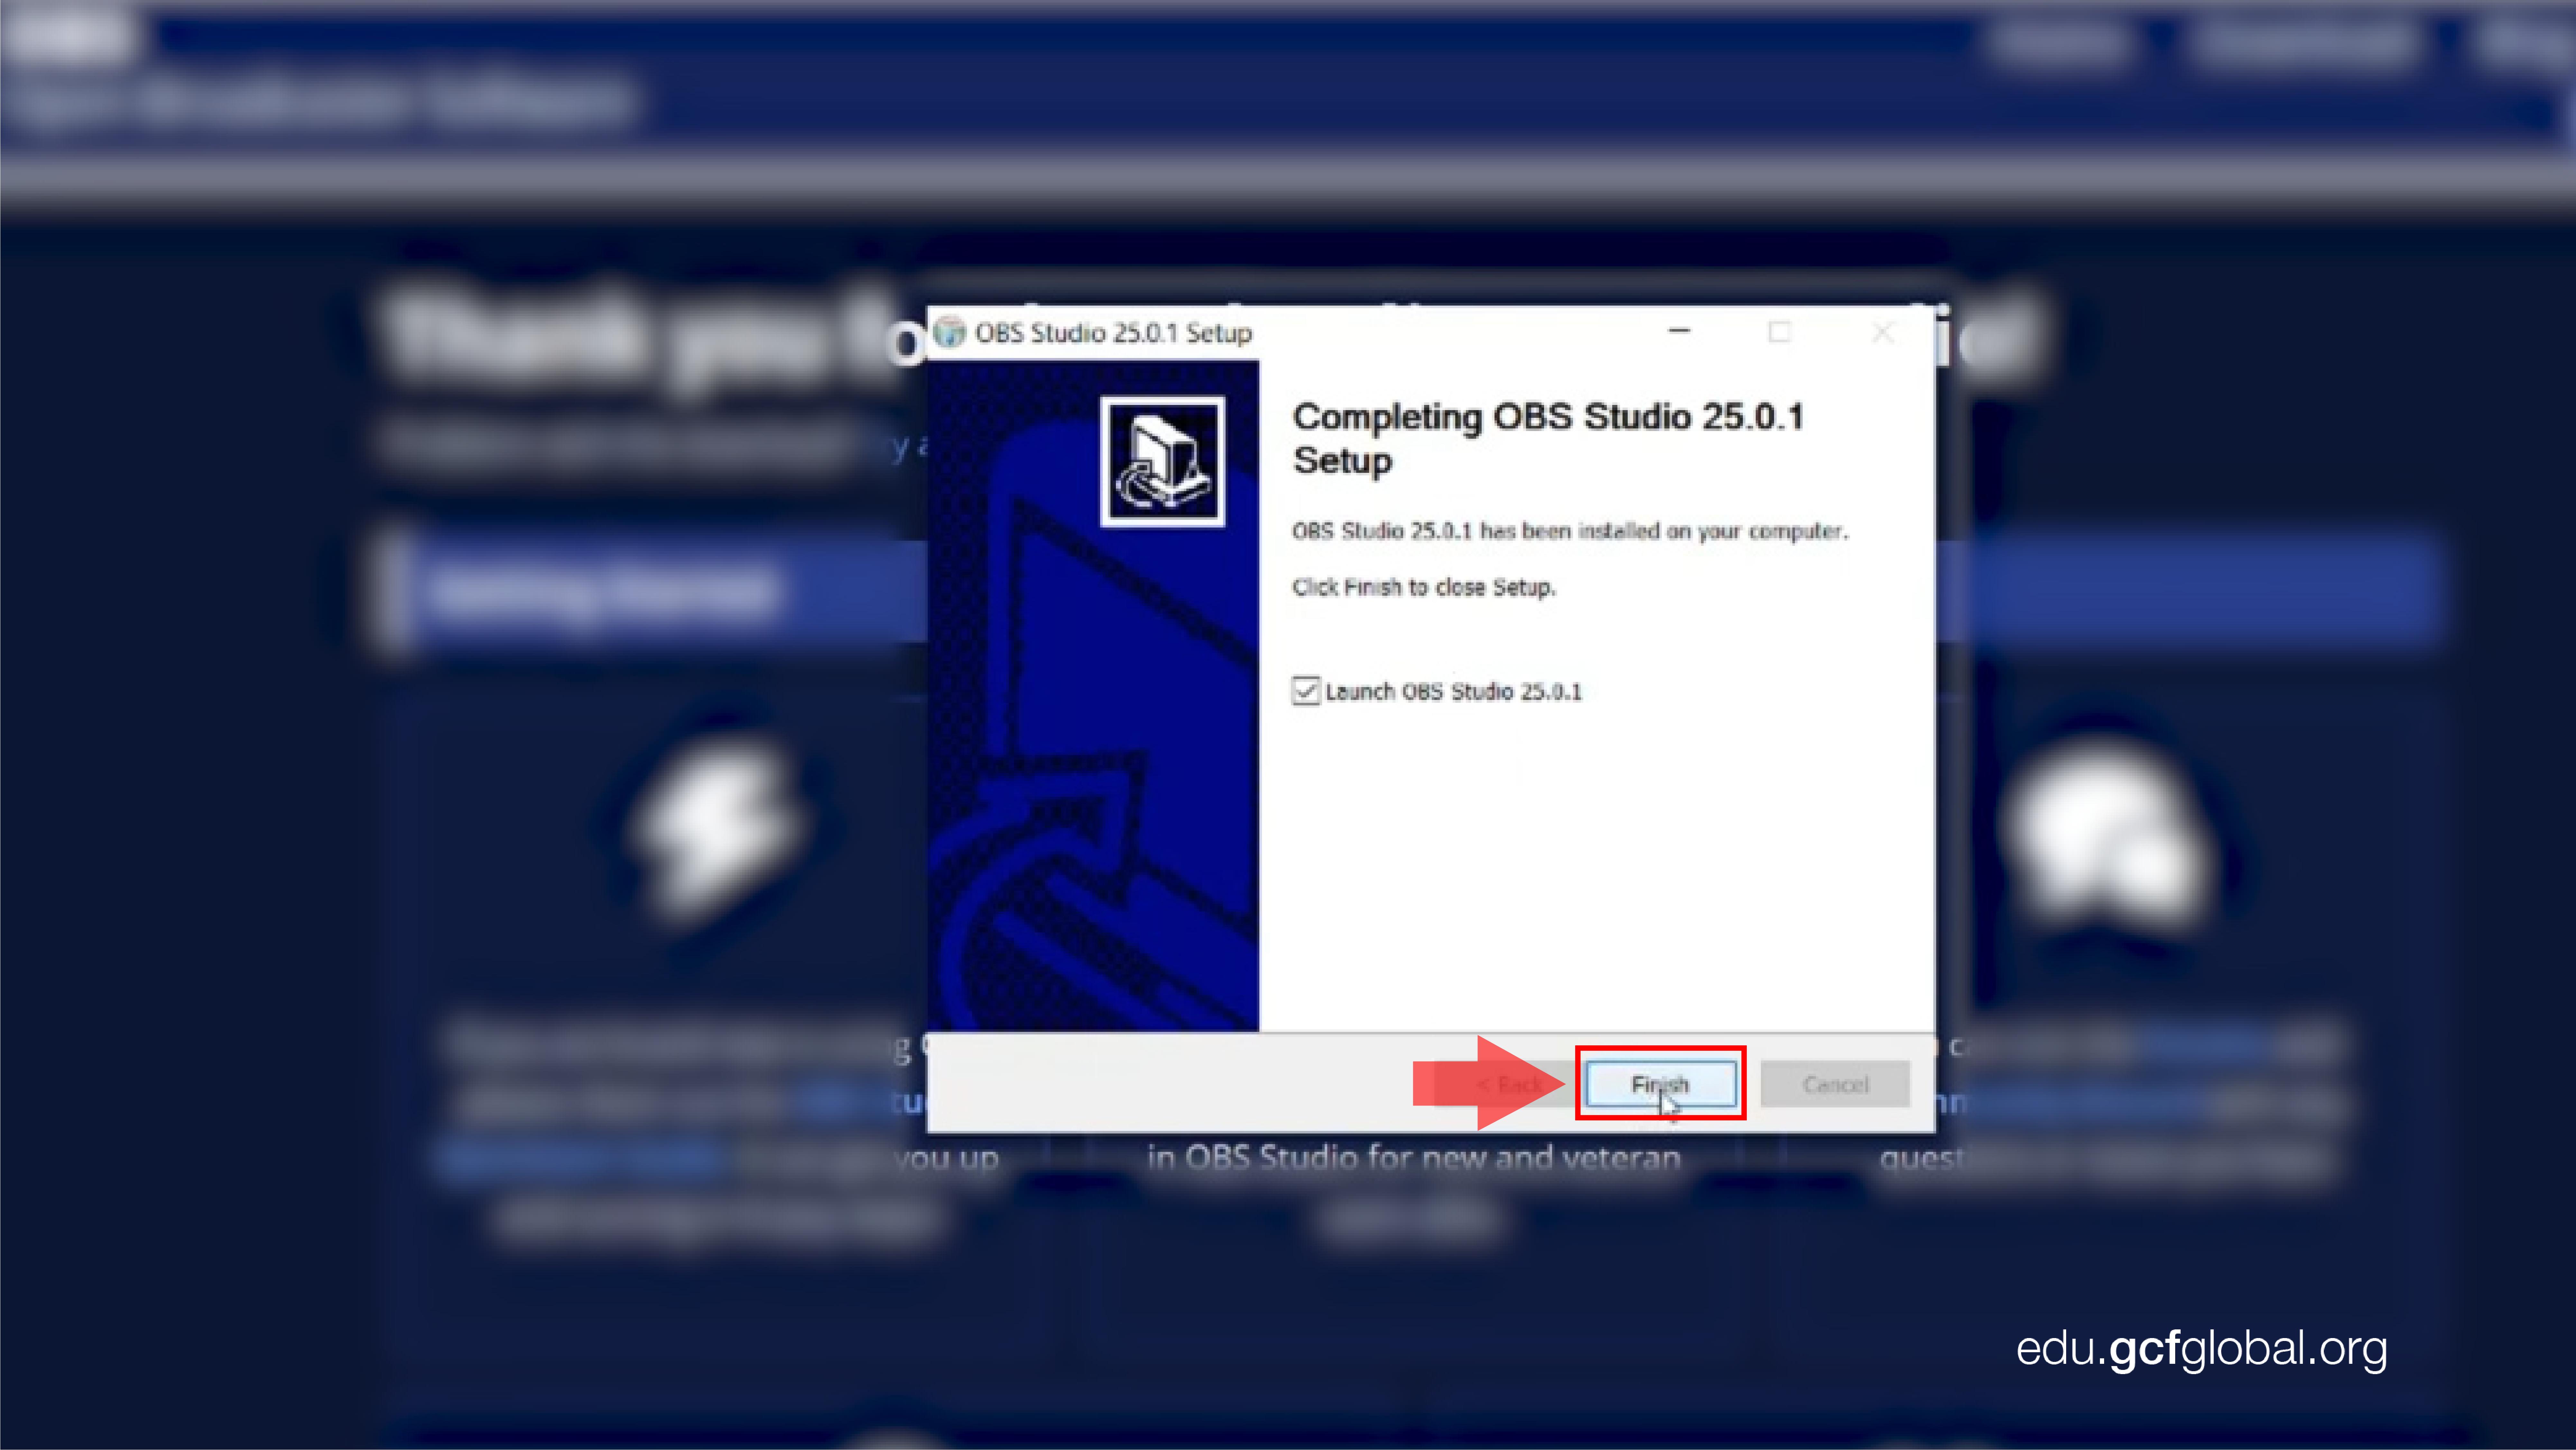 Imagen haciendo clic en Finish para terminar con la instalación de OBS en Windows.